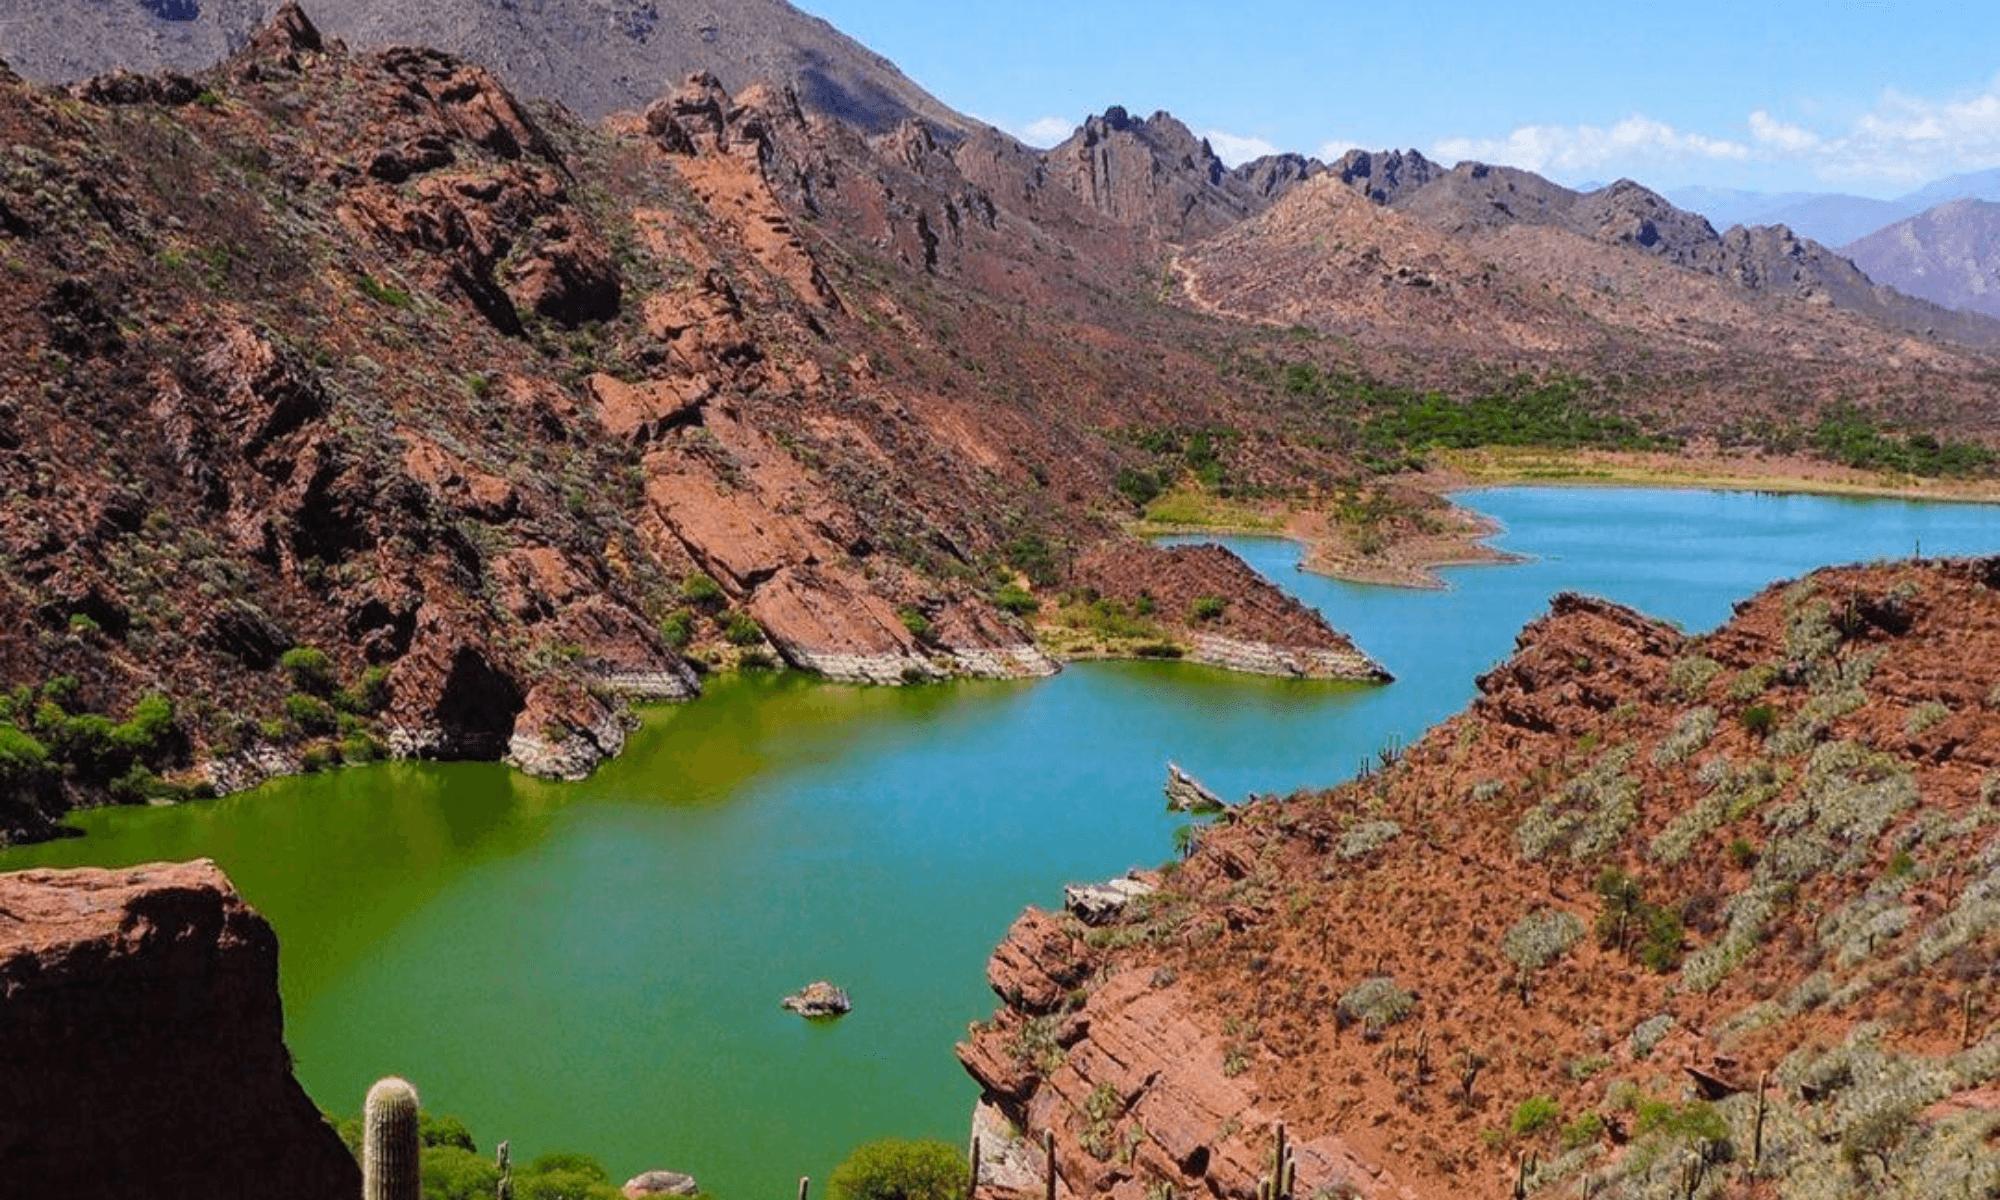 Cómo llegar a la laguna de Brealito, un paraíso natural de Salta situado a unos 20 kilómetros de la Ruta Nacional 40 1